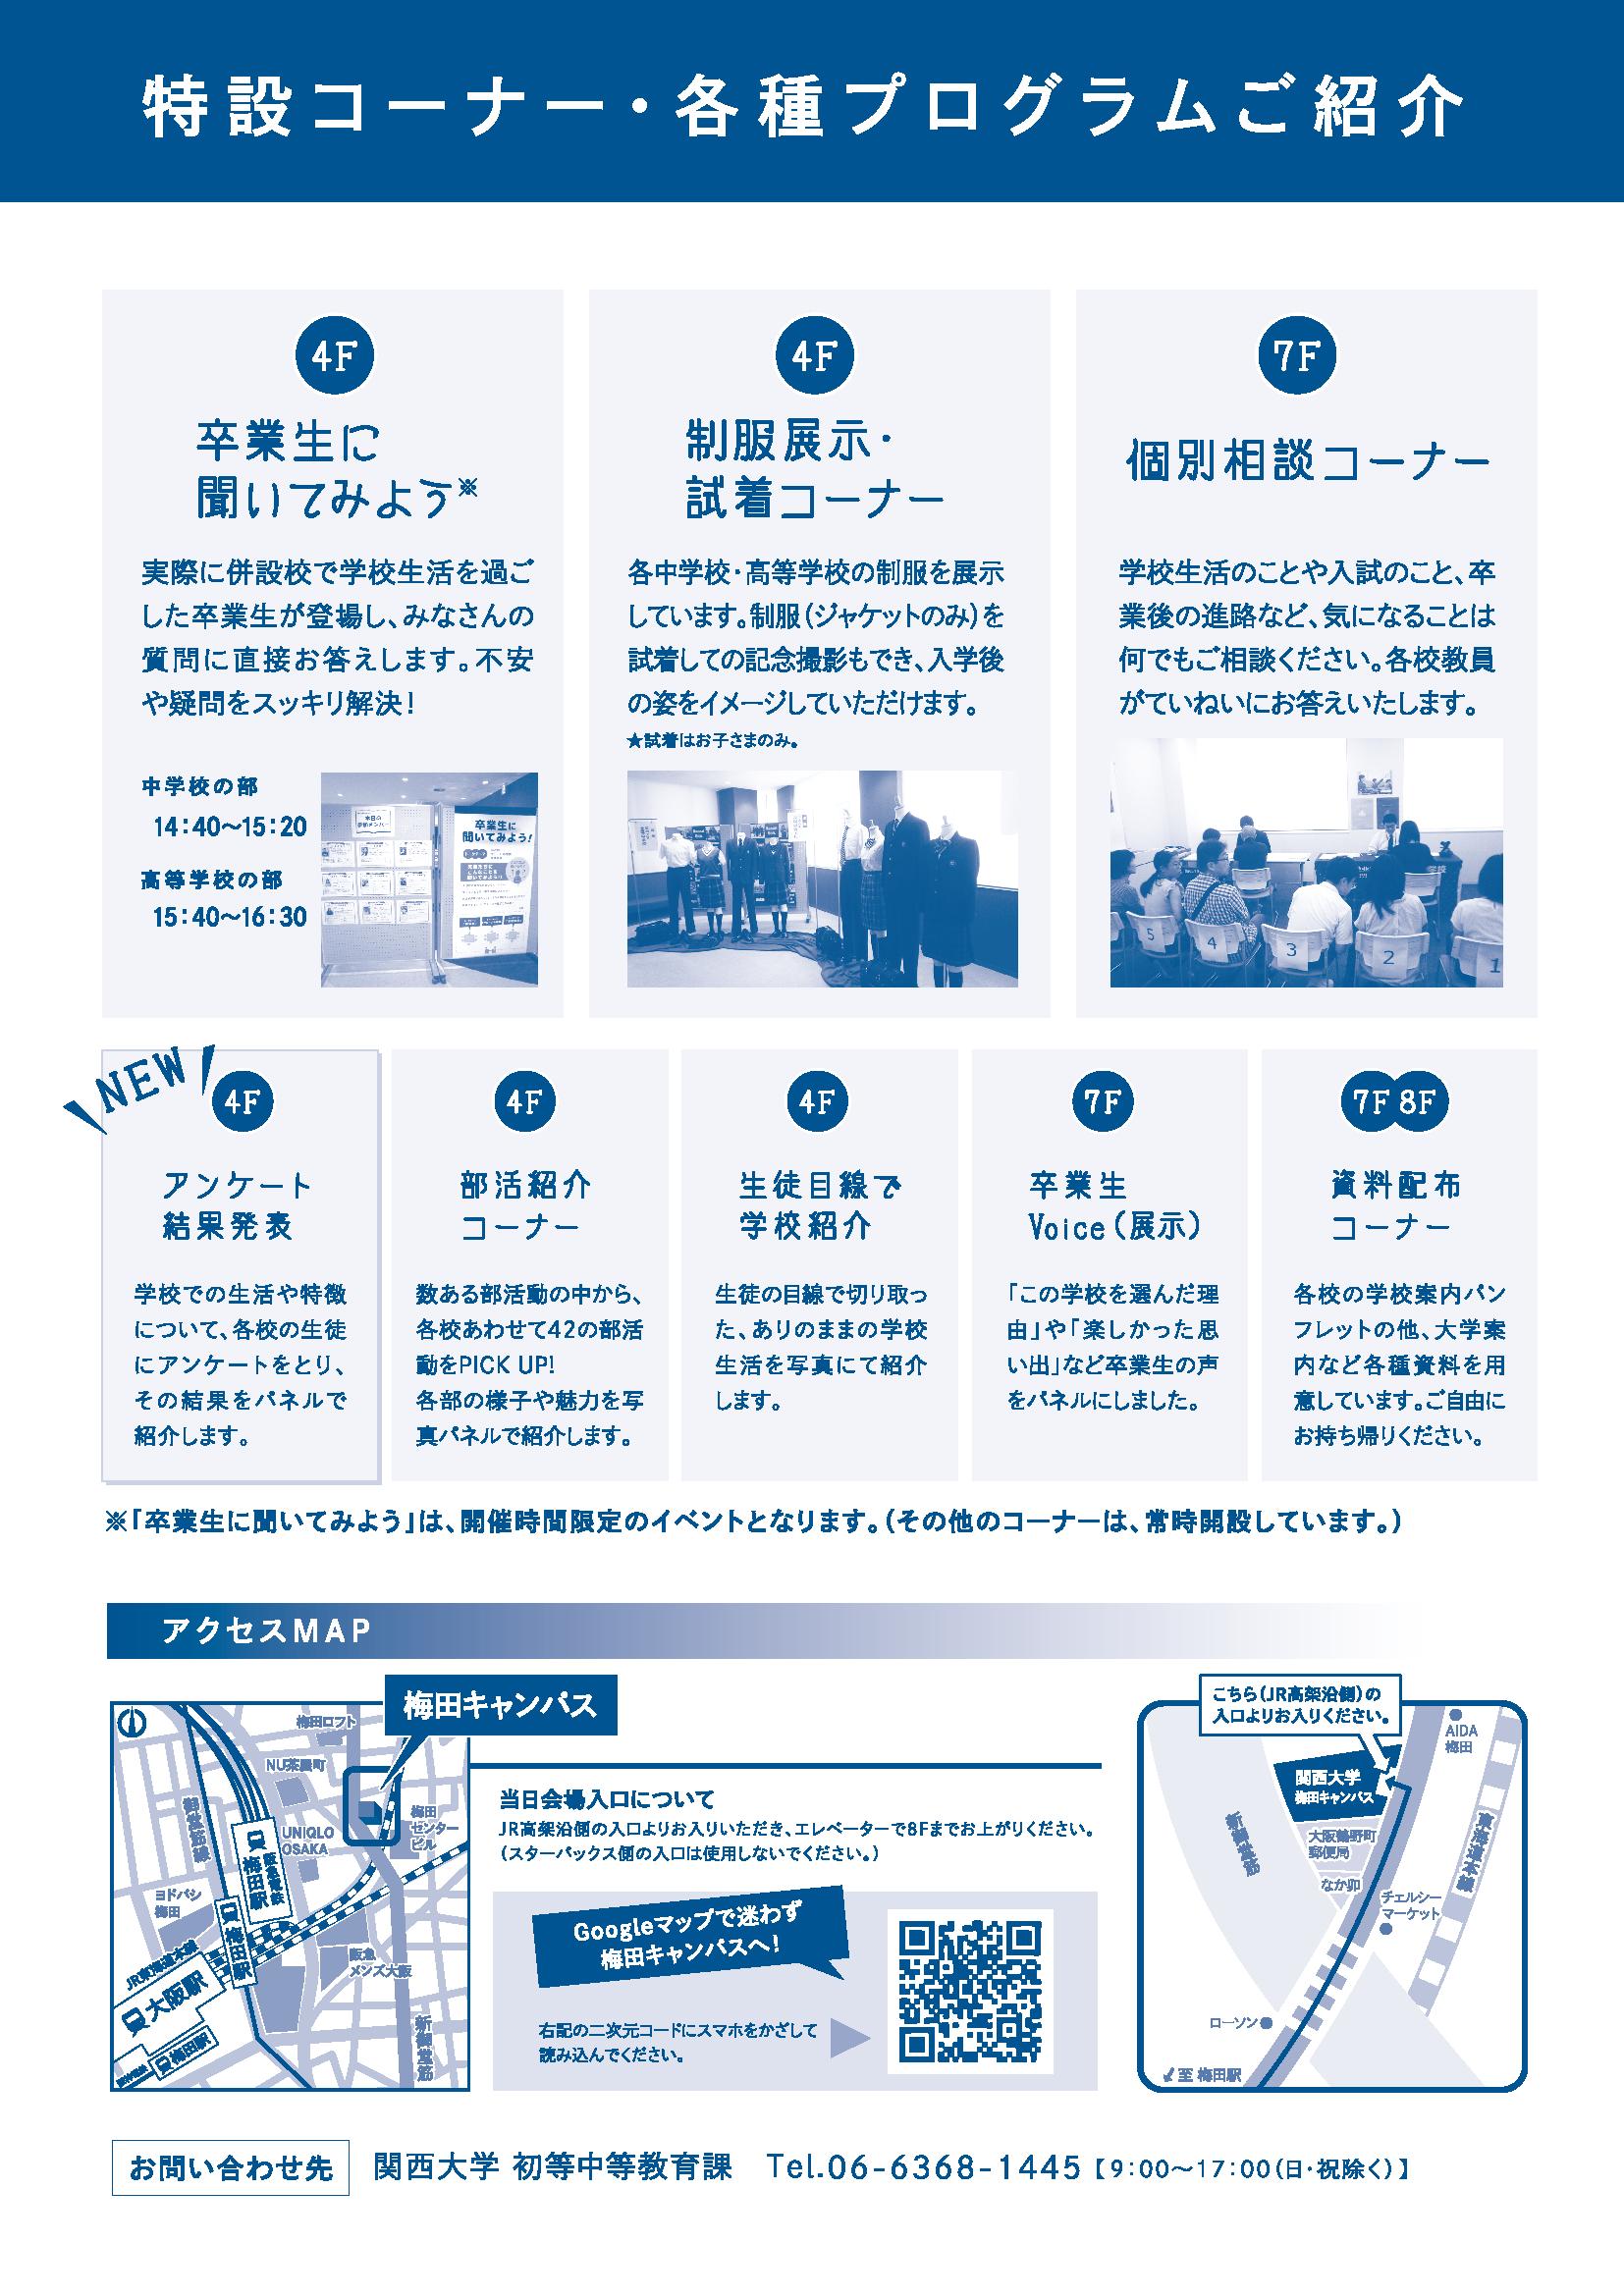 0424_併設校説明会_ページ_2.png